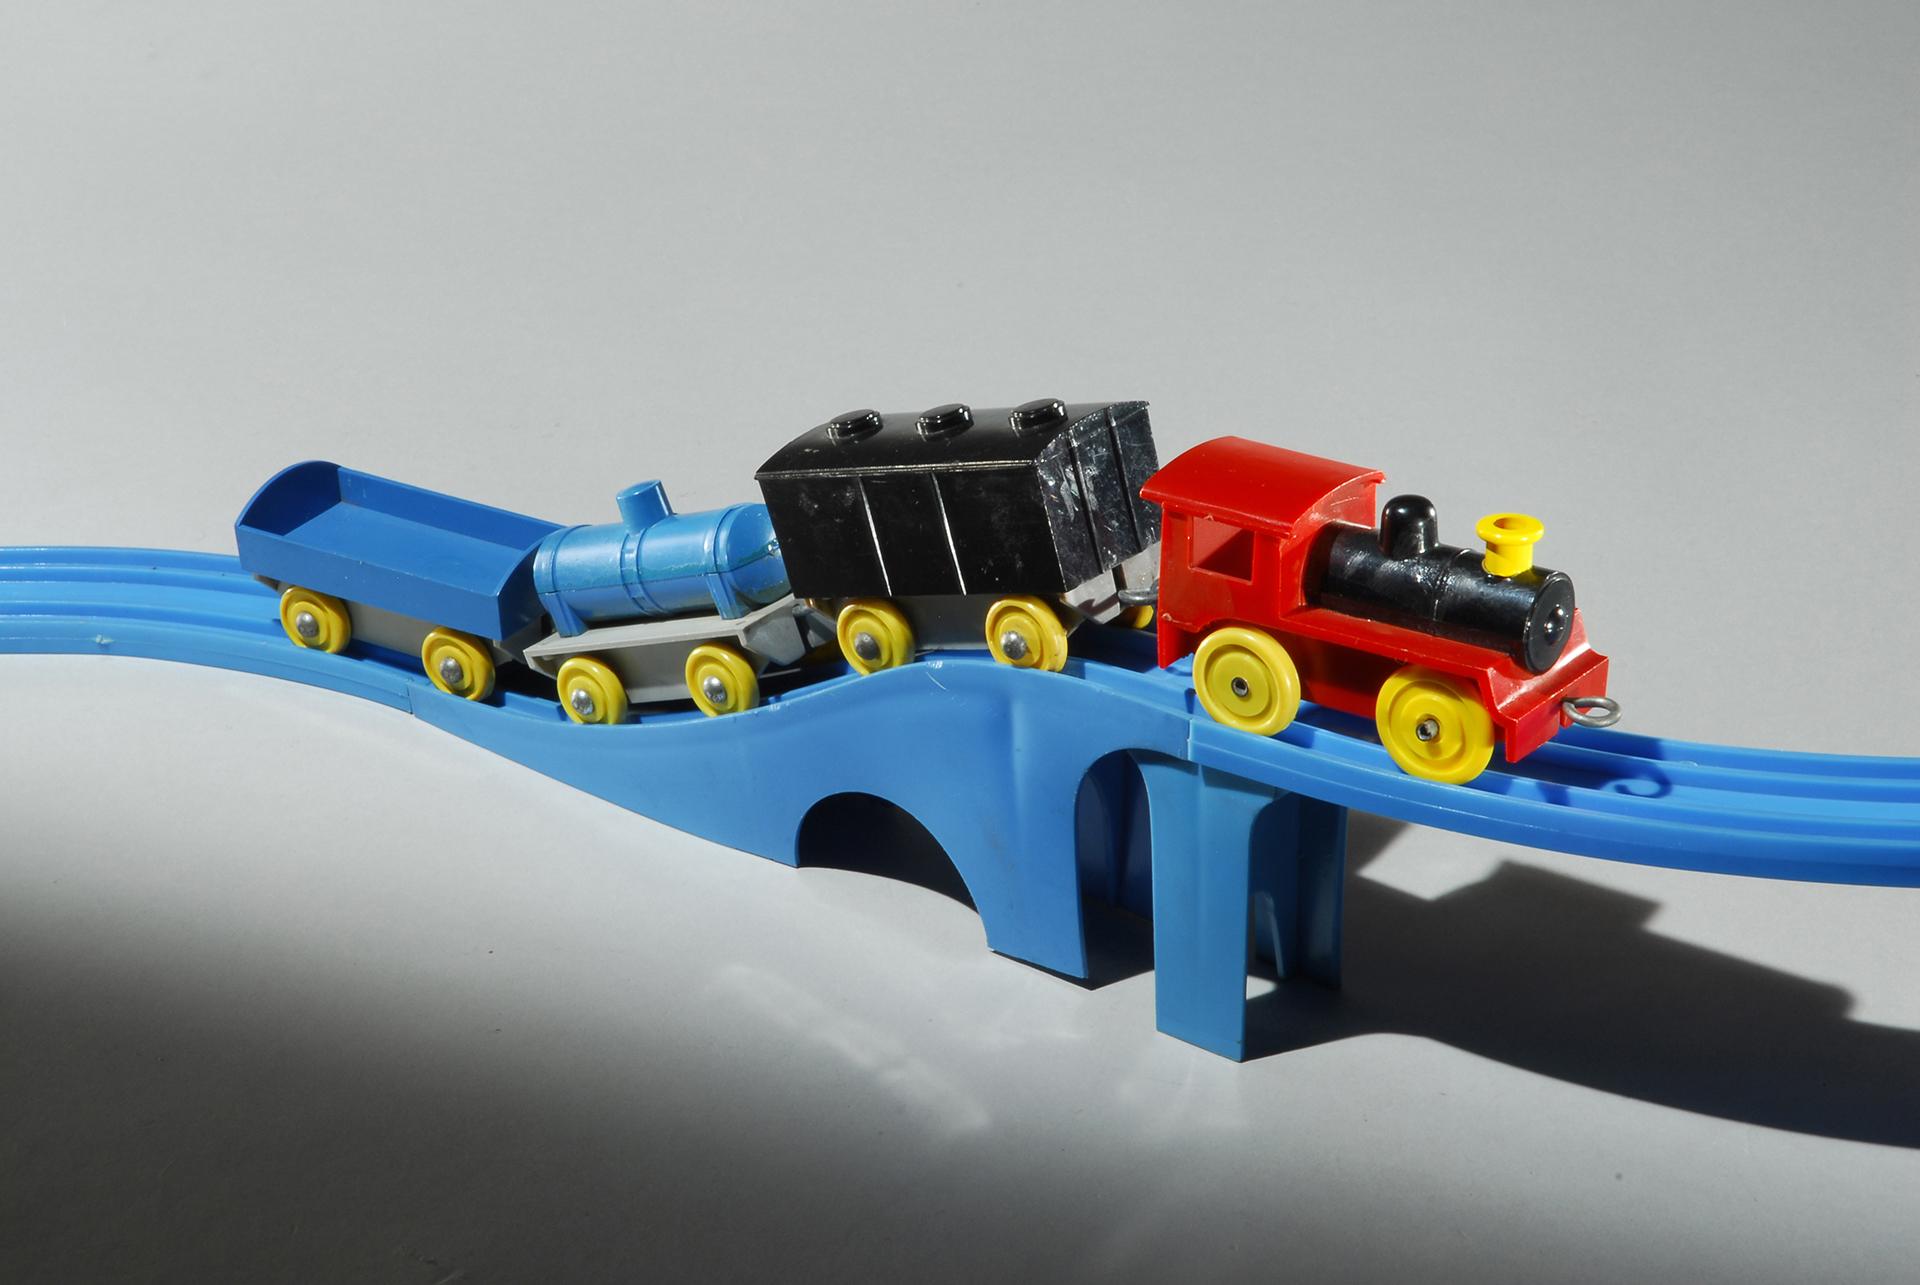 この写真は、プラレール60周年記念展に出展される、プラスチック汽車・レールセットの現物